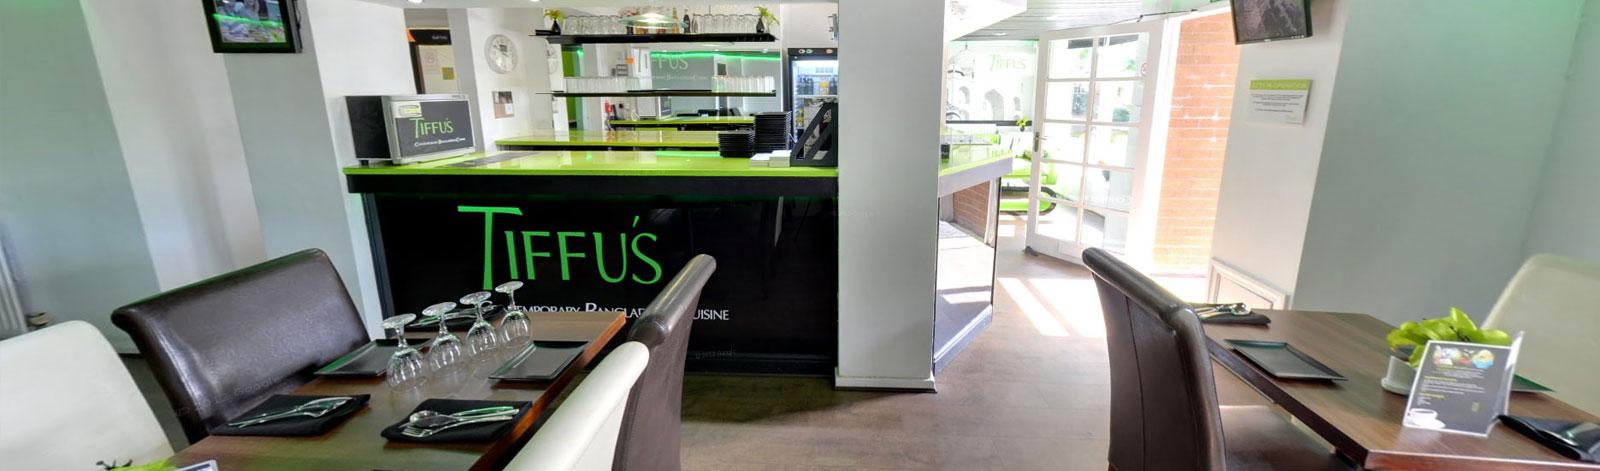 Tiffus Indian and Bangladeshi Restaurant